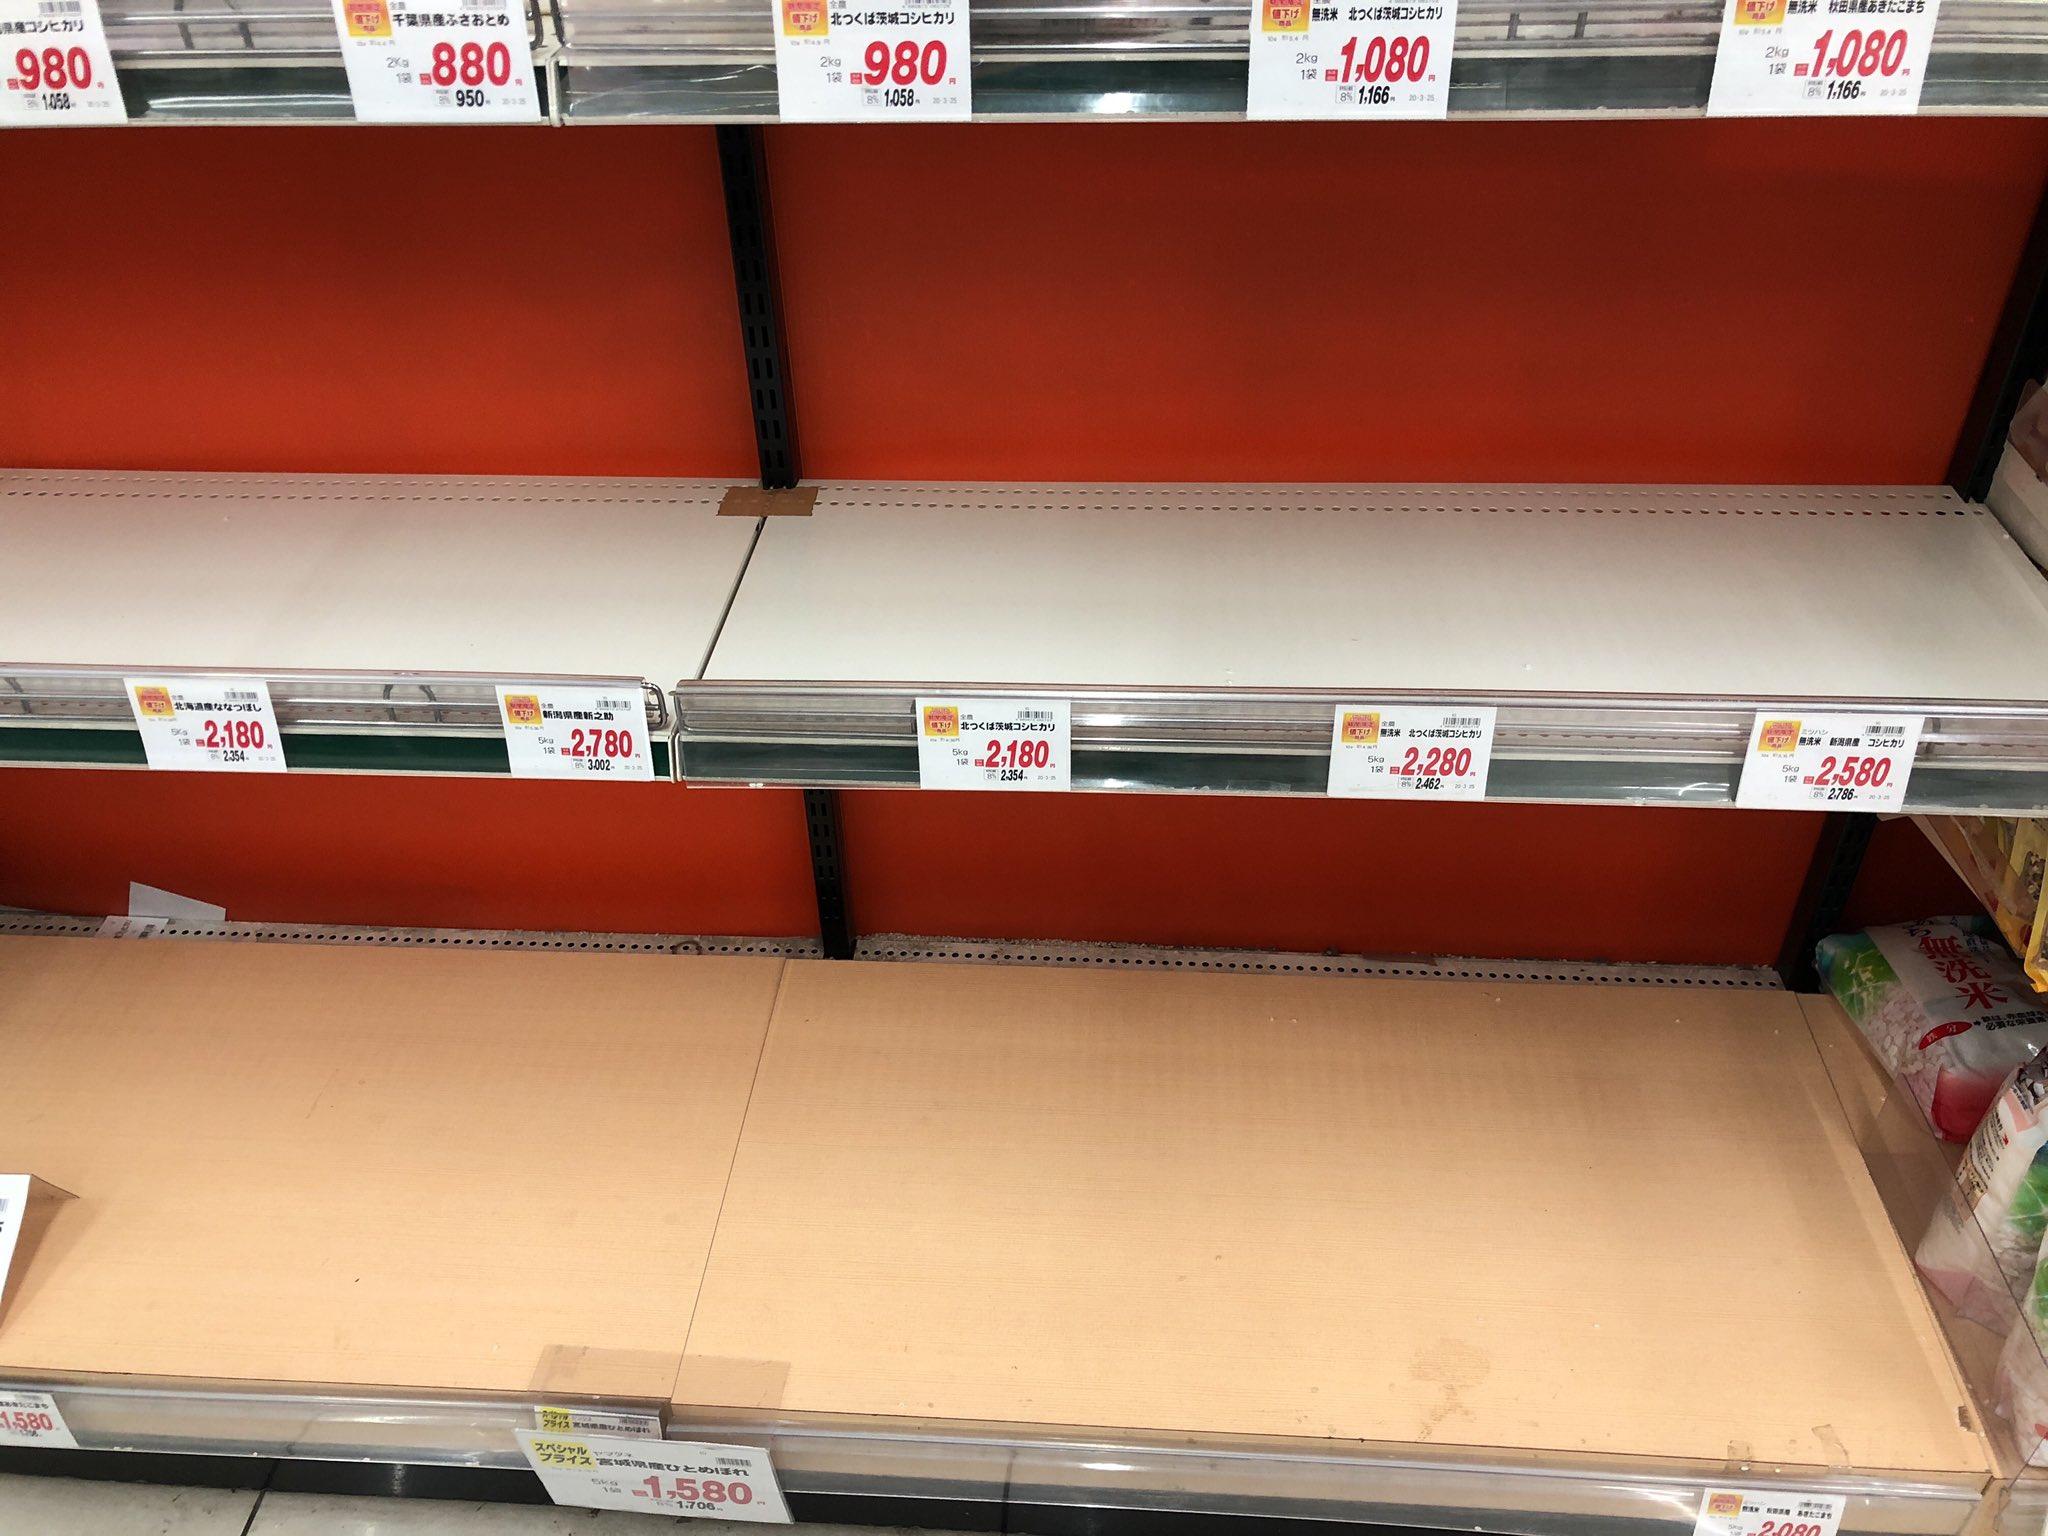 画像,案の定、小池都知事の会見中にスーパーに飛び込んだところ9時なのにスーパー、人でごった返しで、米が売ってねーの。みんな買い占め。#買い占め #小池都知事 #コロナ…